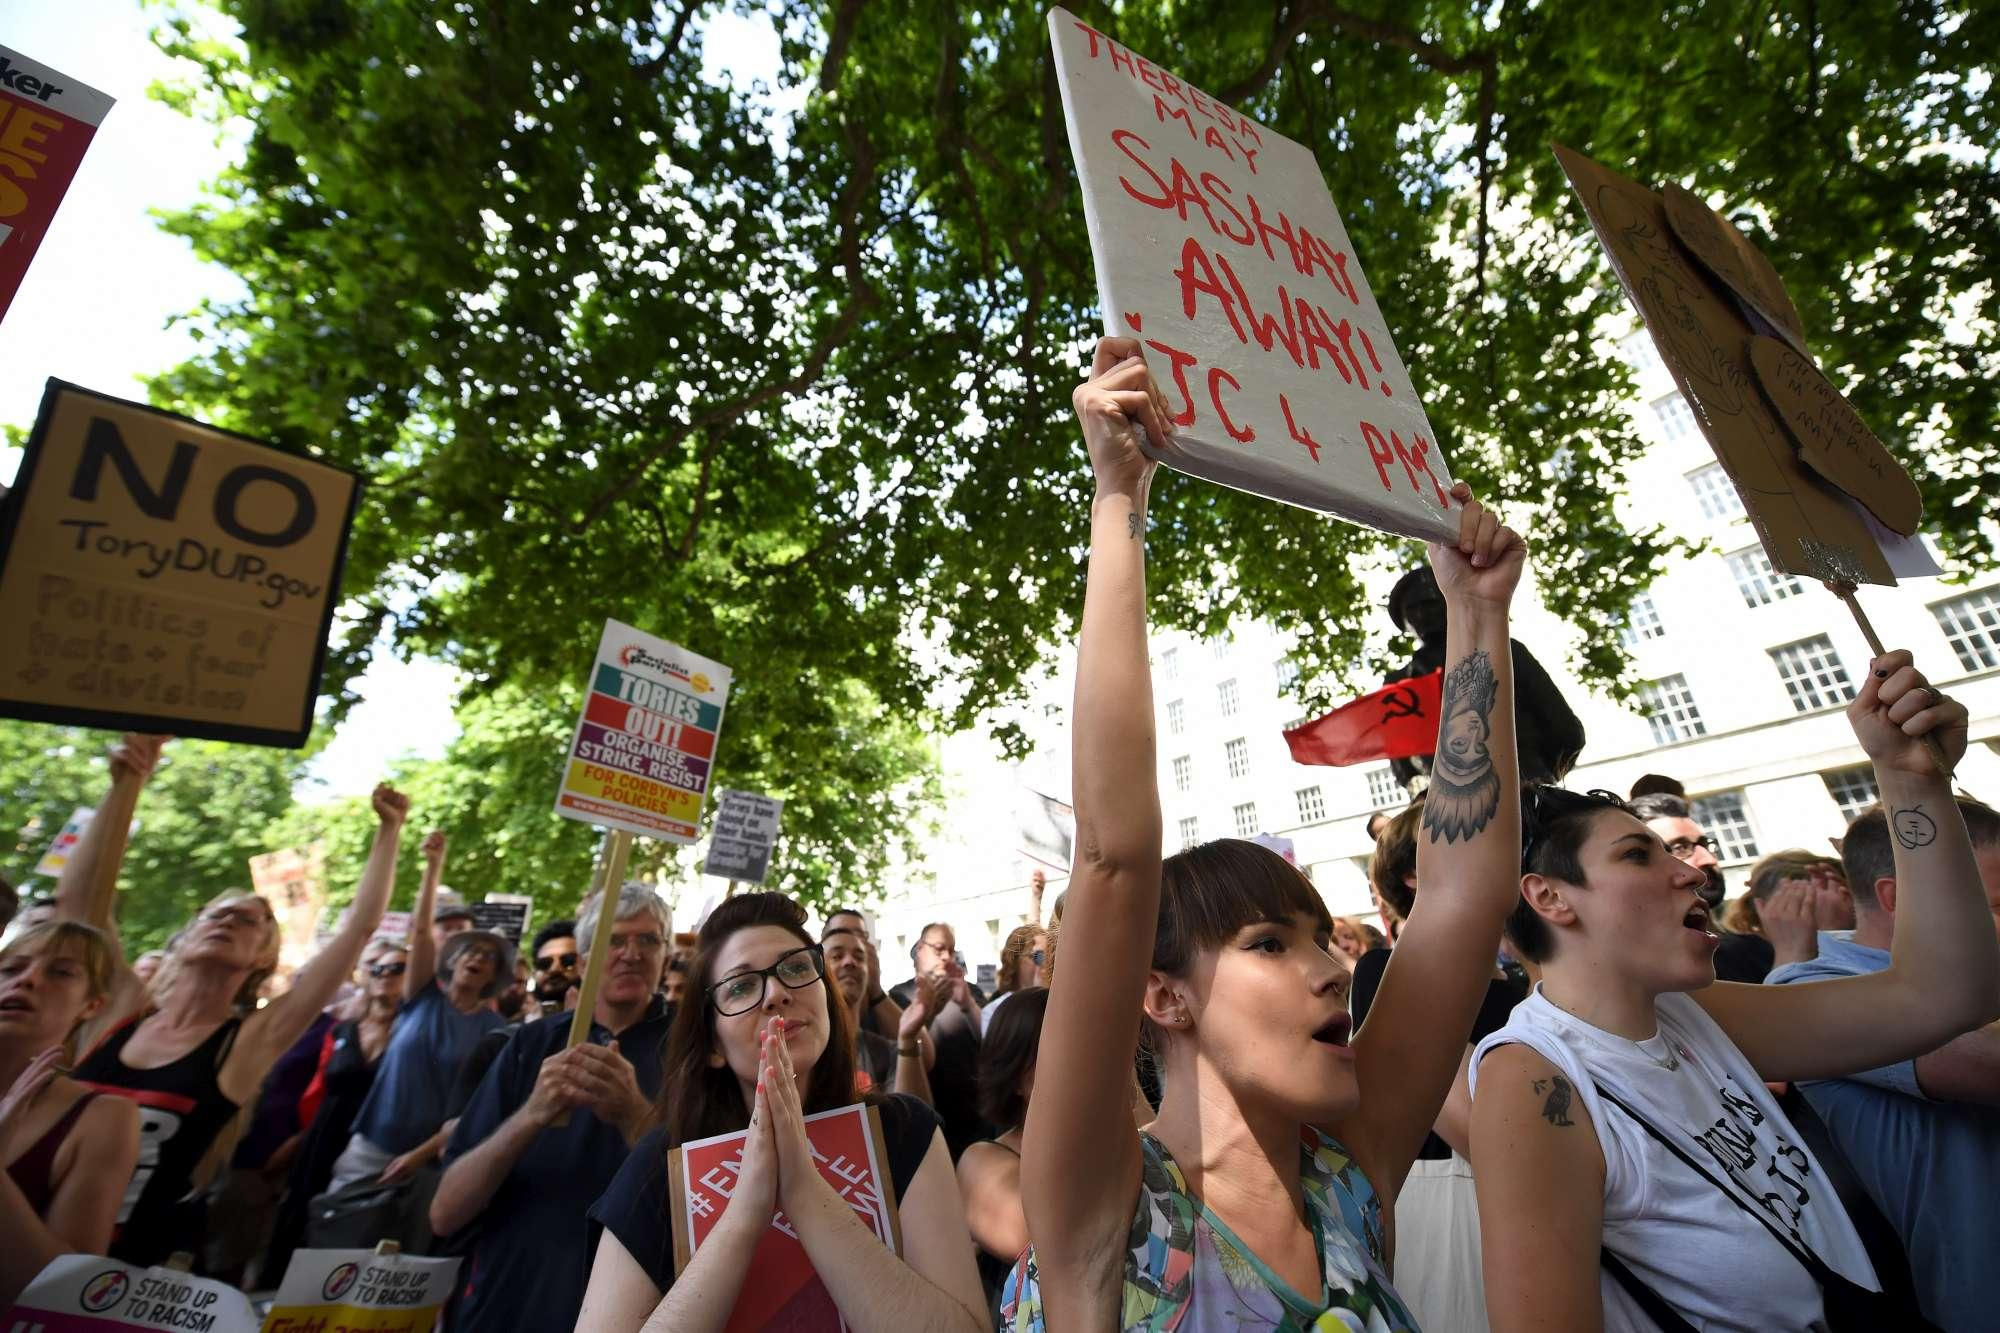 Incendio Londra, proteste contro il governo davanti a Downing Street